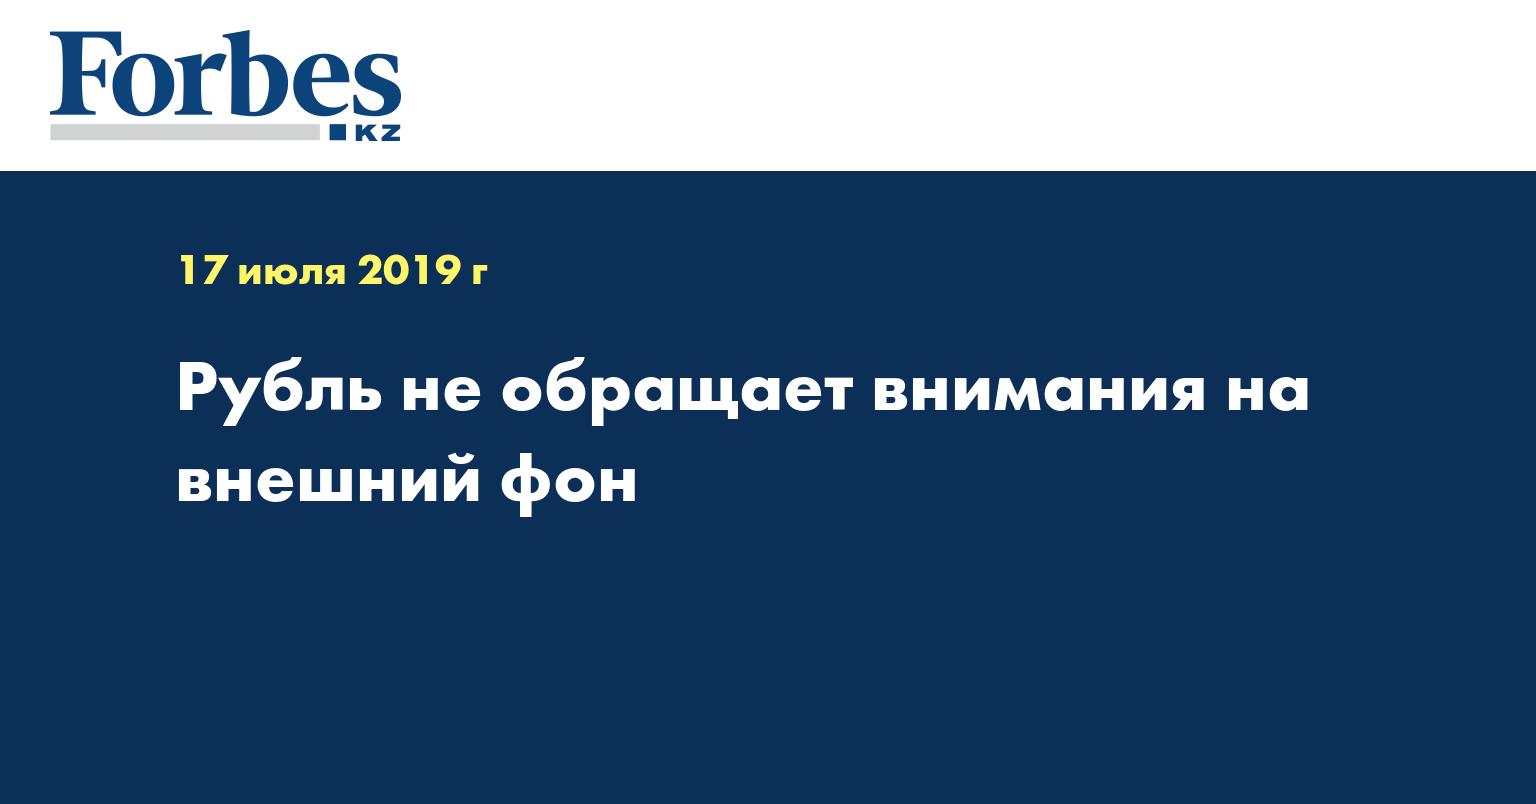 Рубль не обращает внимания на внешний фон